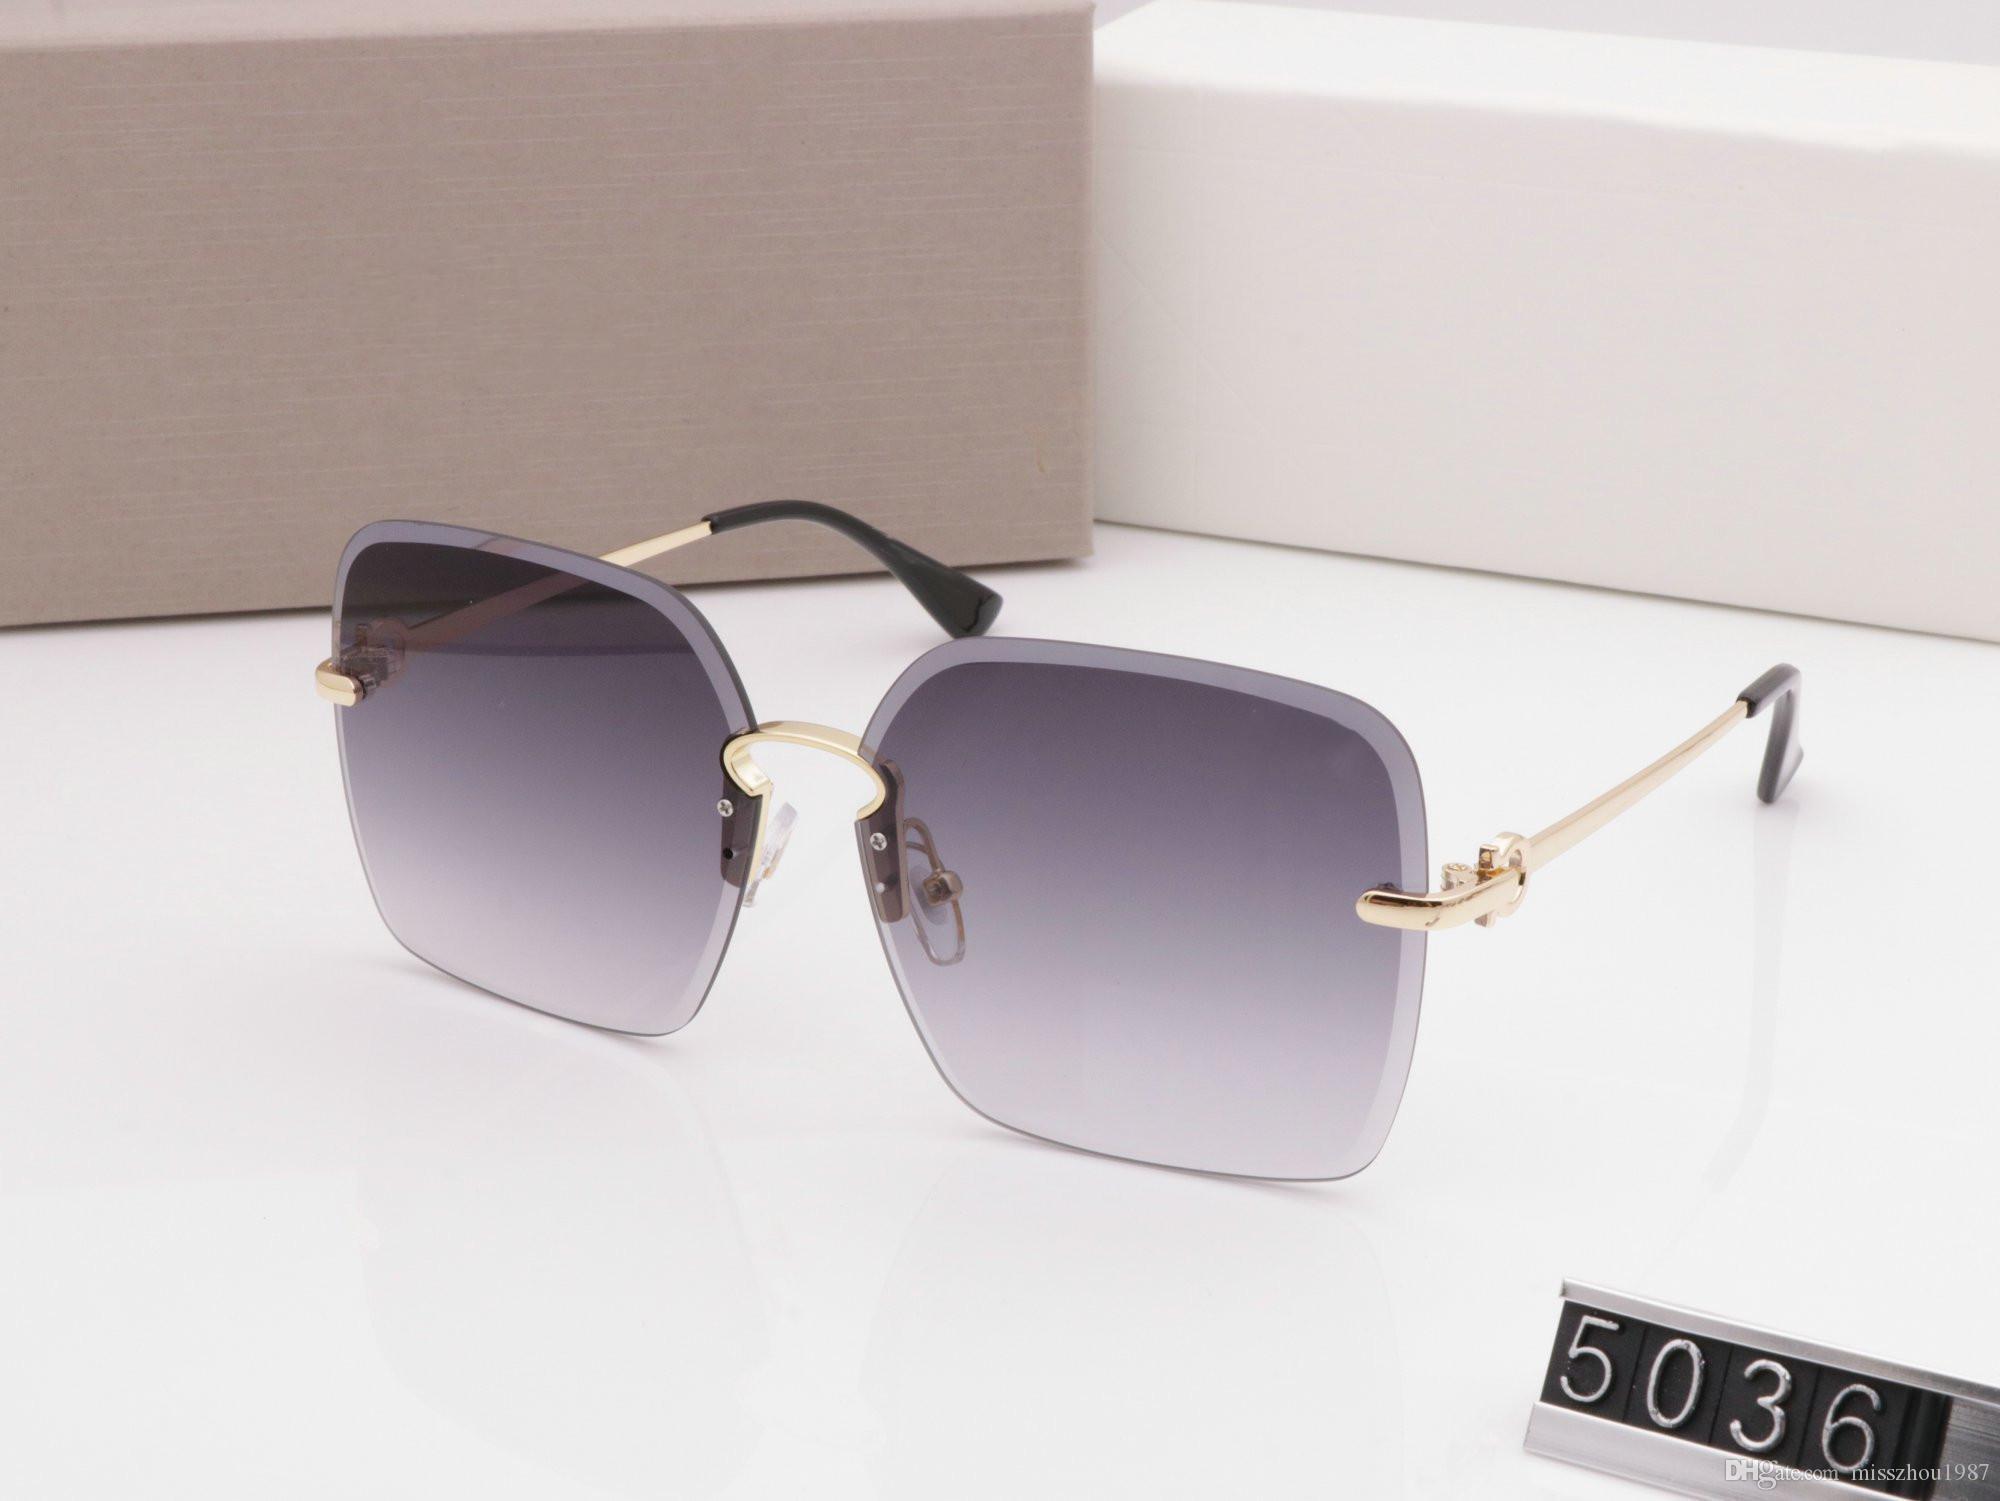 Люкс 5036 Солнцезащитные очки от дизайнеров для ног женщин Модные солнцезащитные очки Wrap Sunglass бескаркасных покрытие Зеркало объектива Carbon Fiber Summer Style